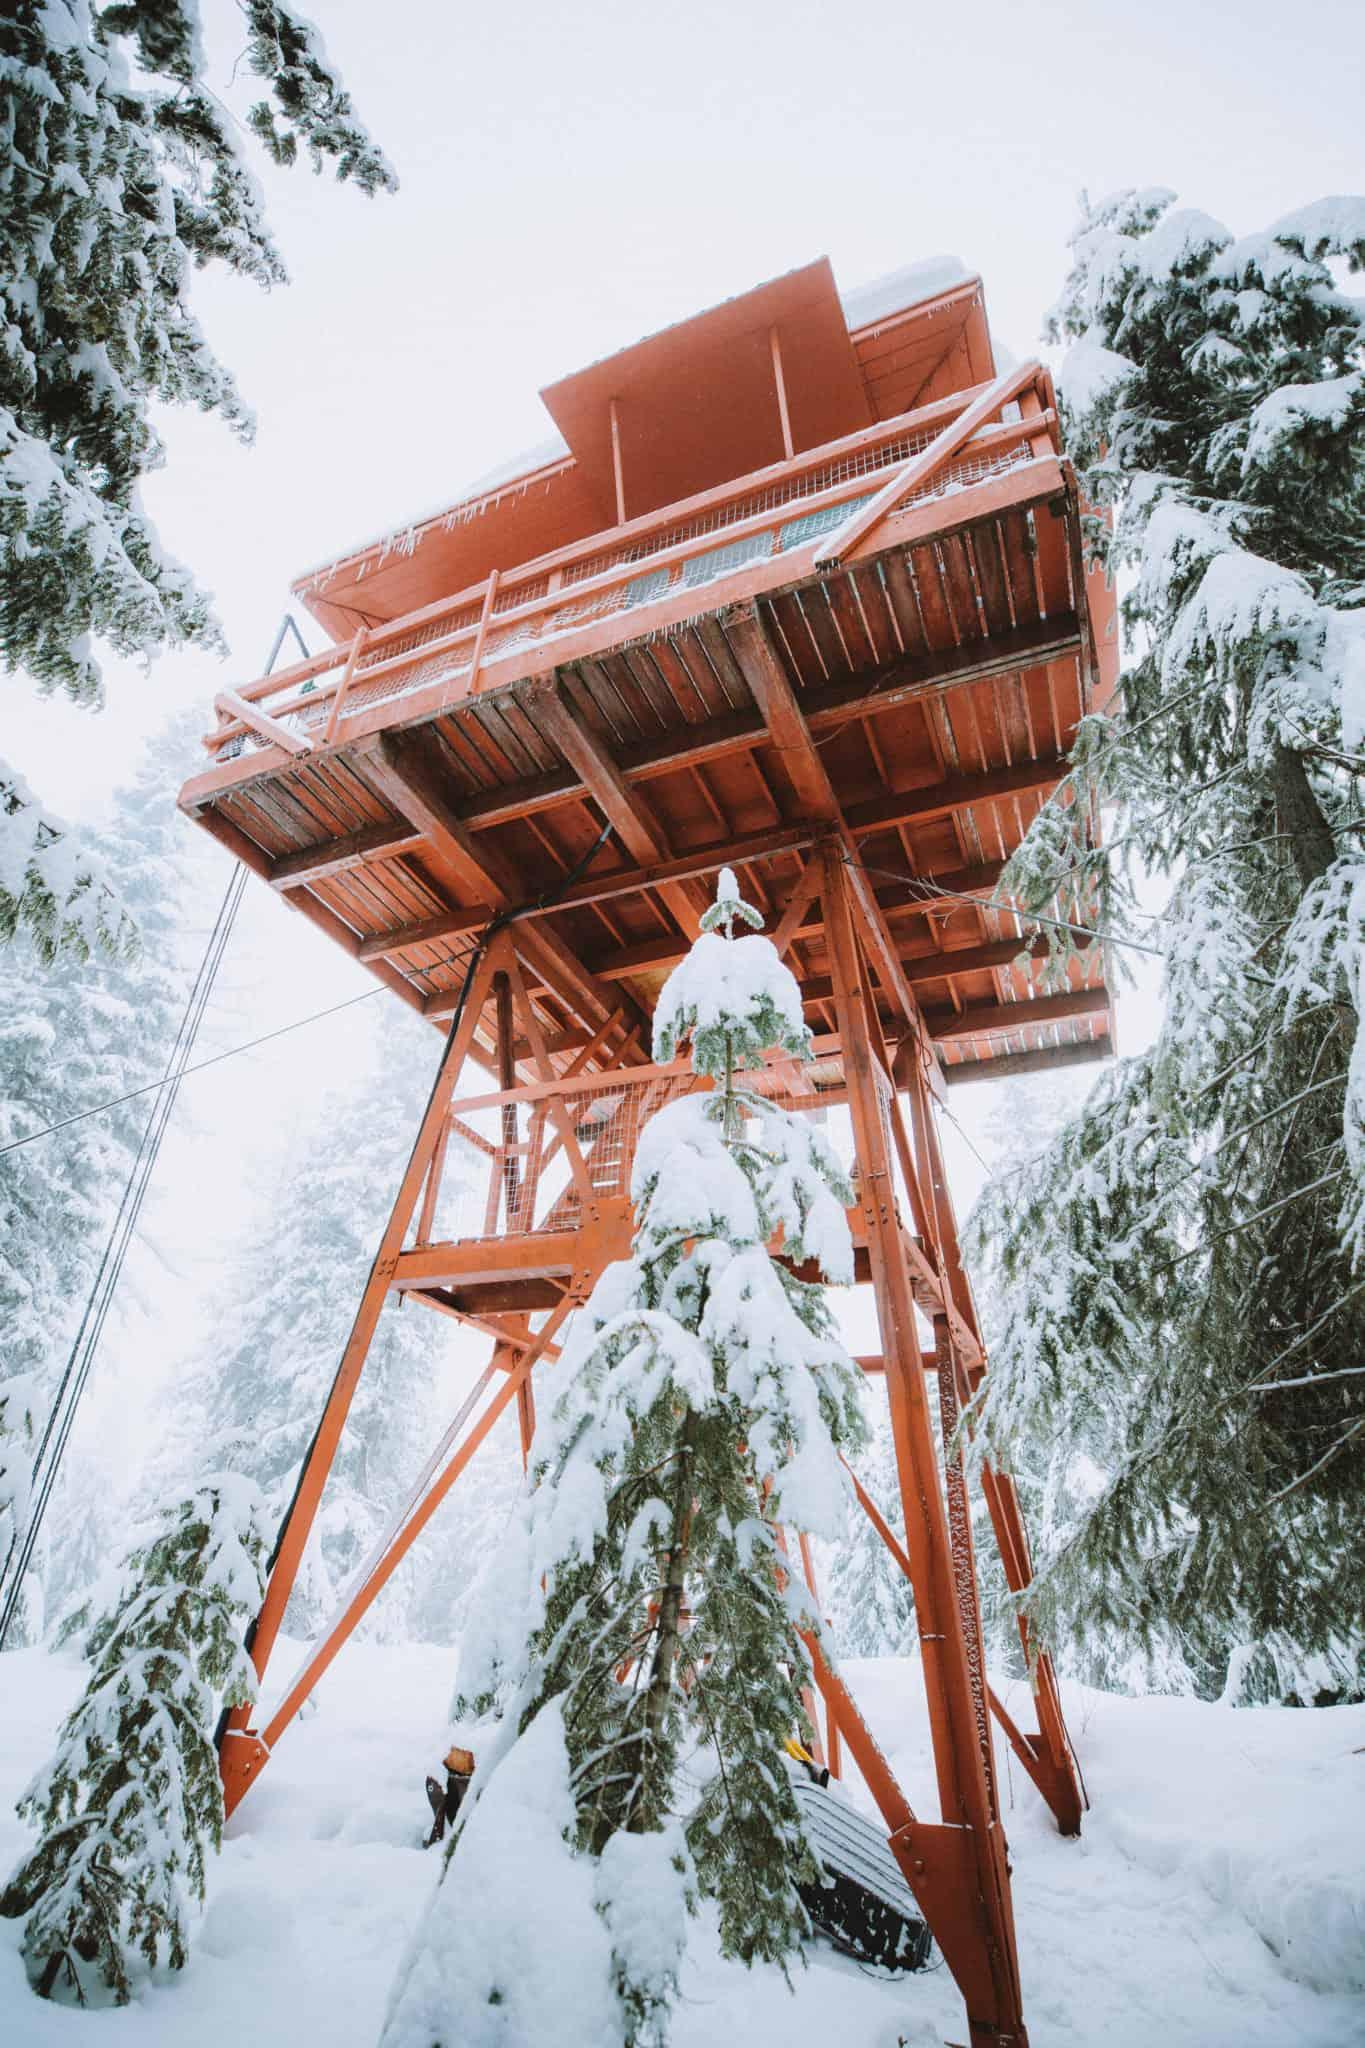 Crystal Peak Lookout from below